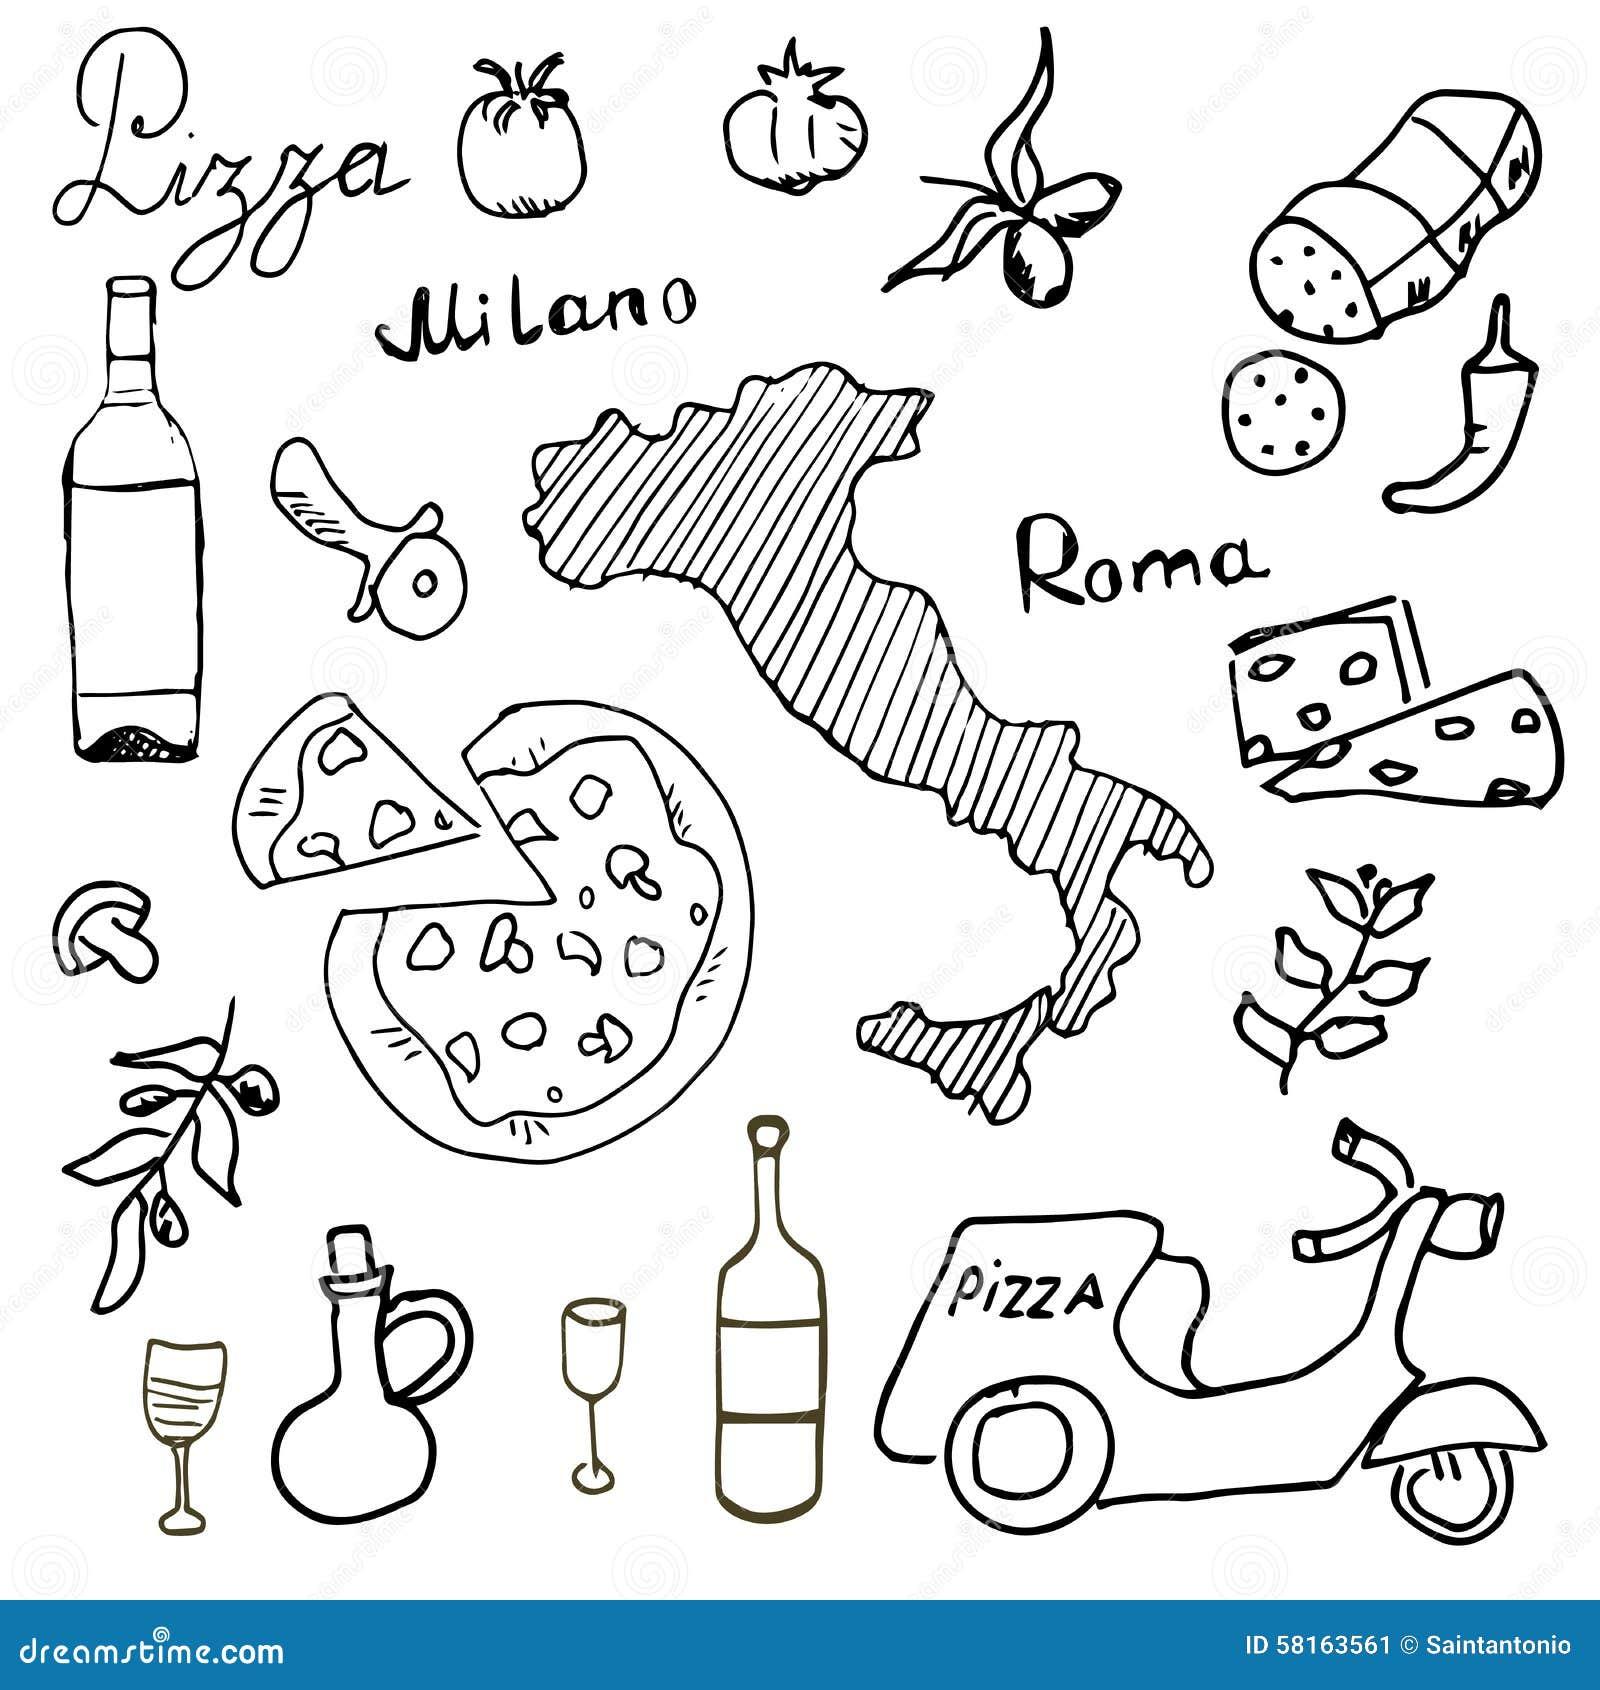 Résultat d'images pour dessin italie colorier